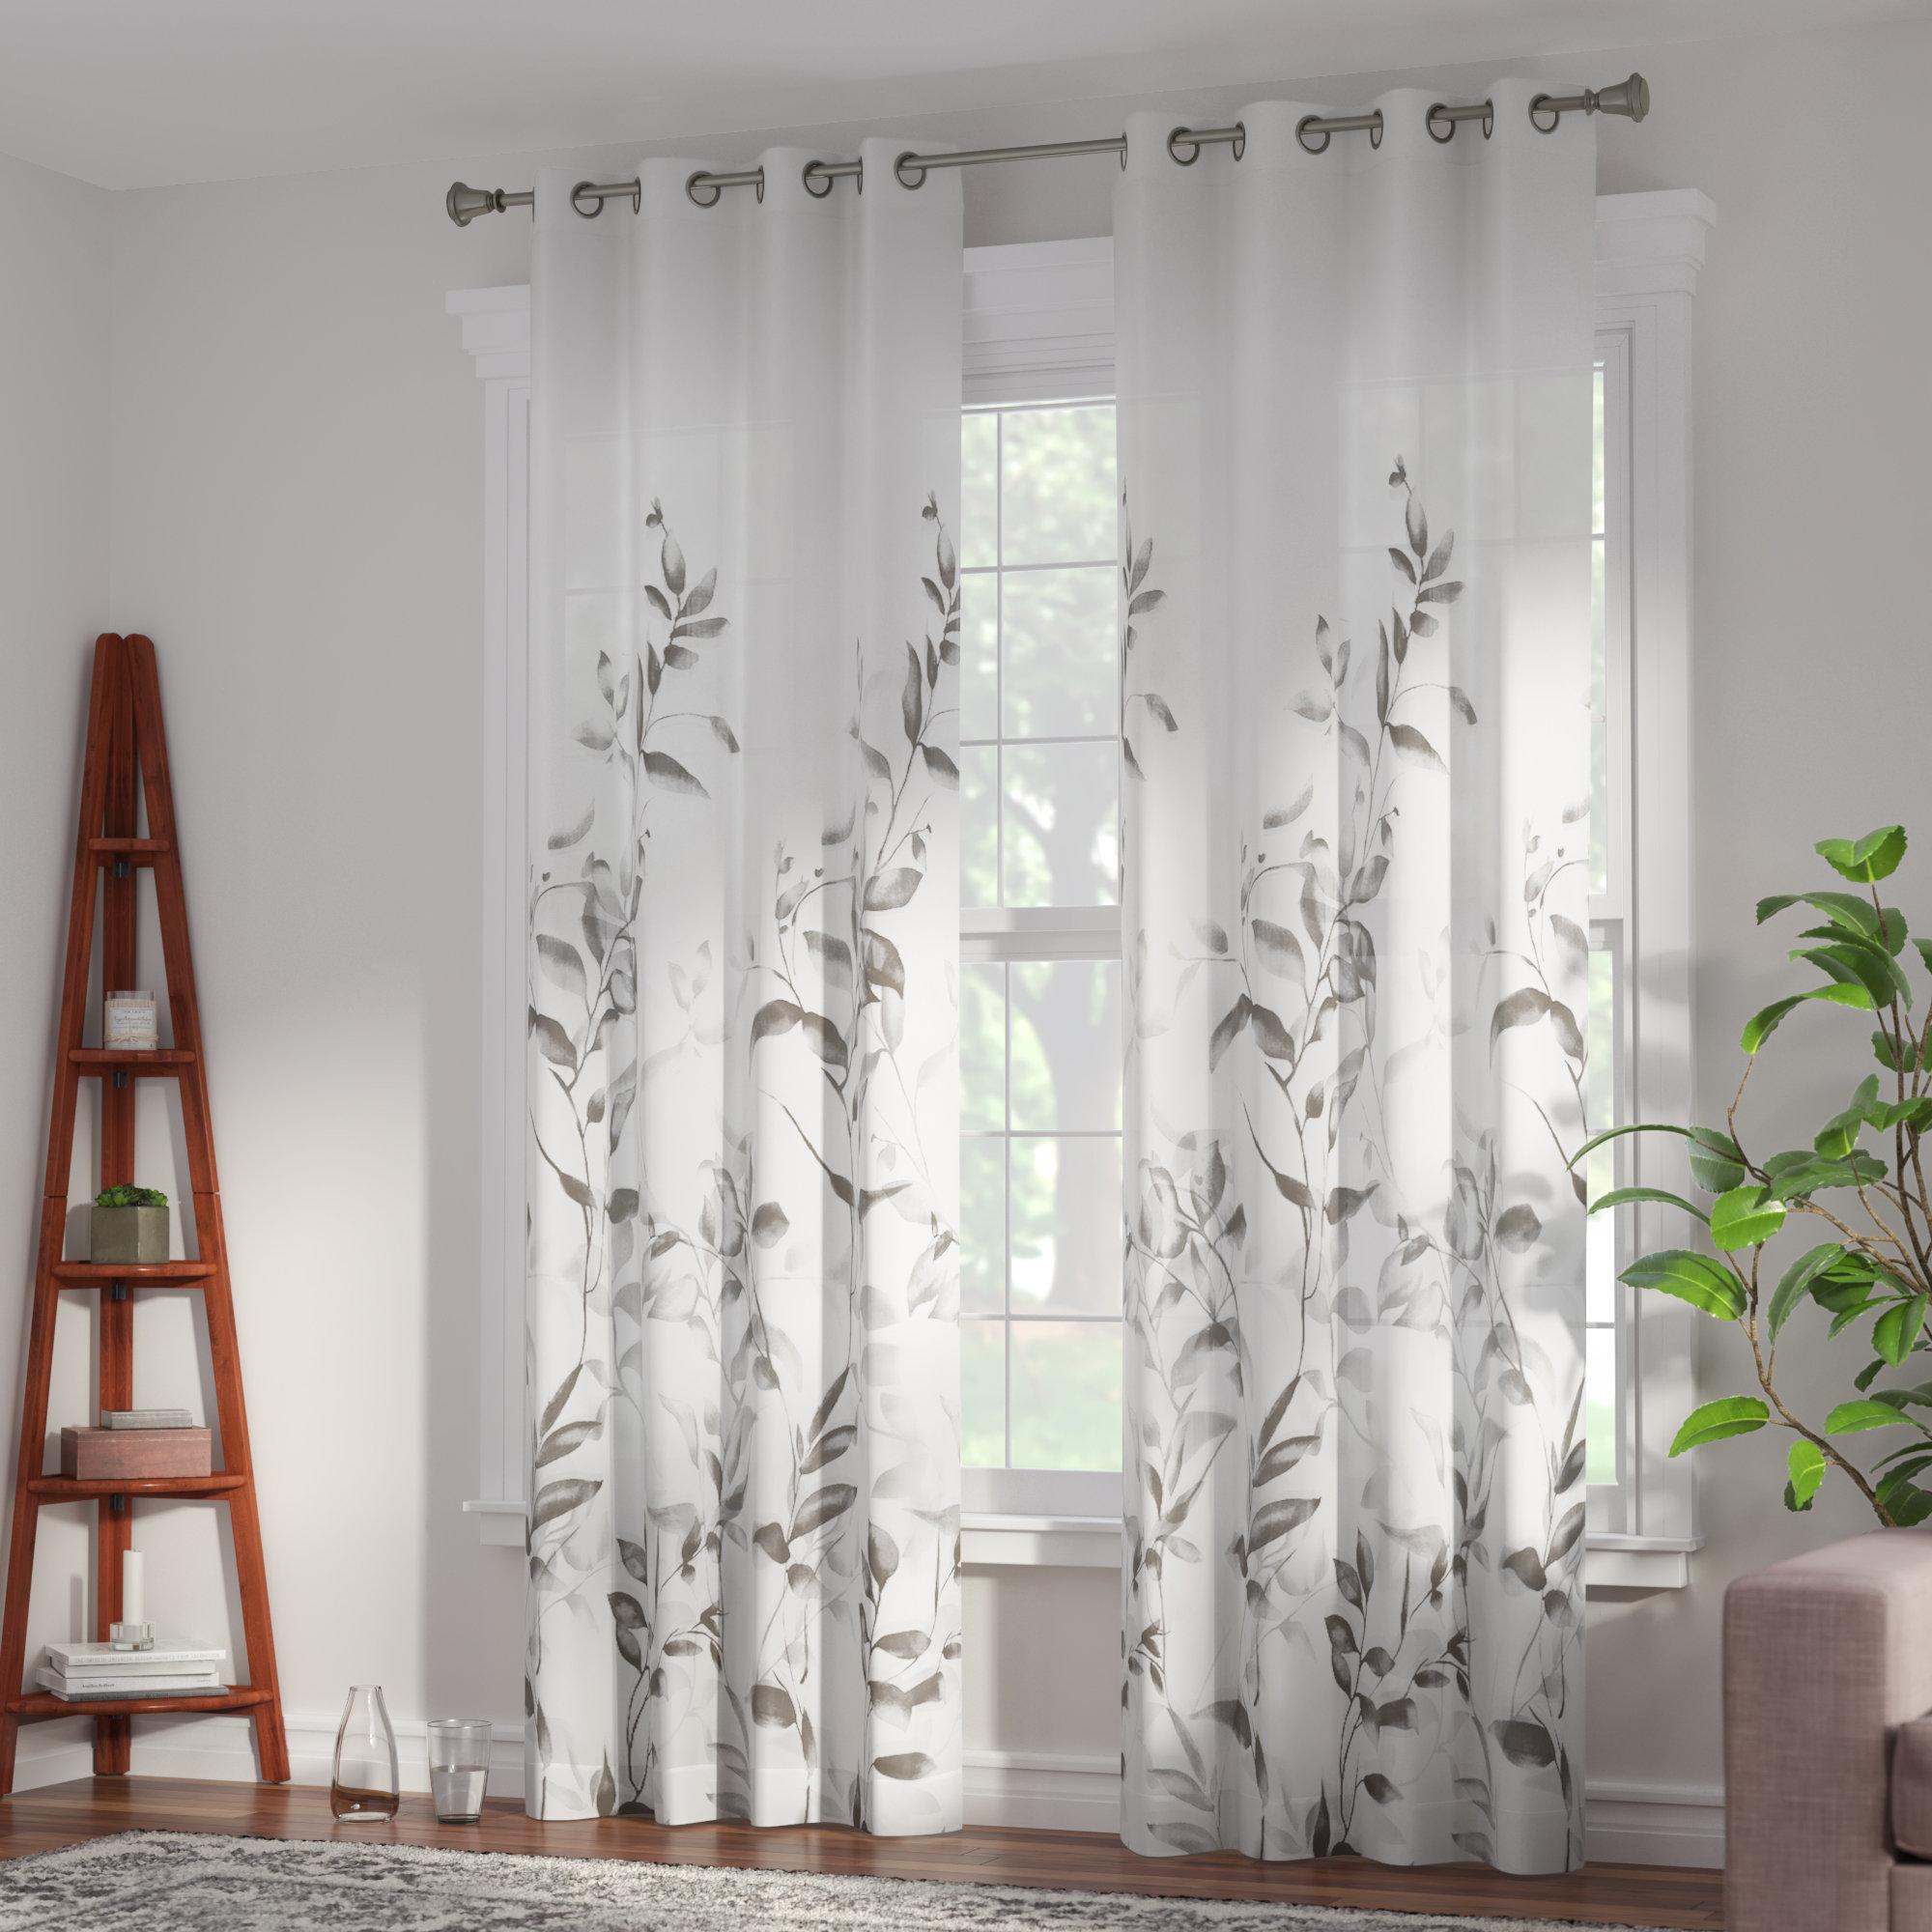 Trent Floral/Flower Semi-Sheer Grommet Single Curtain Panel